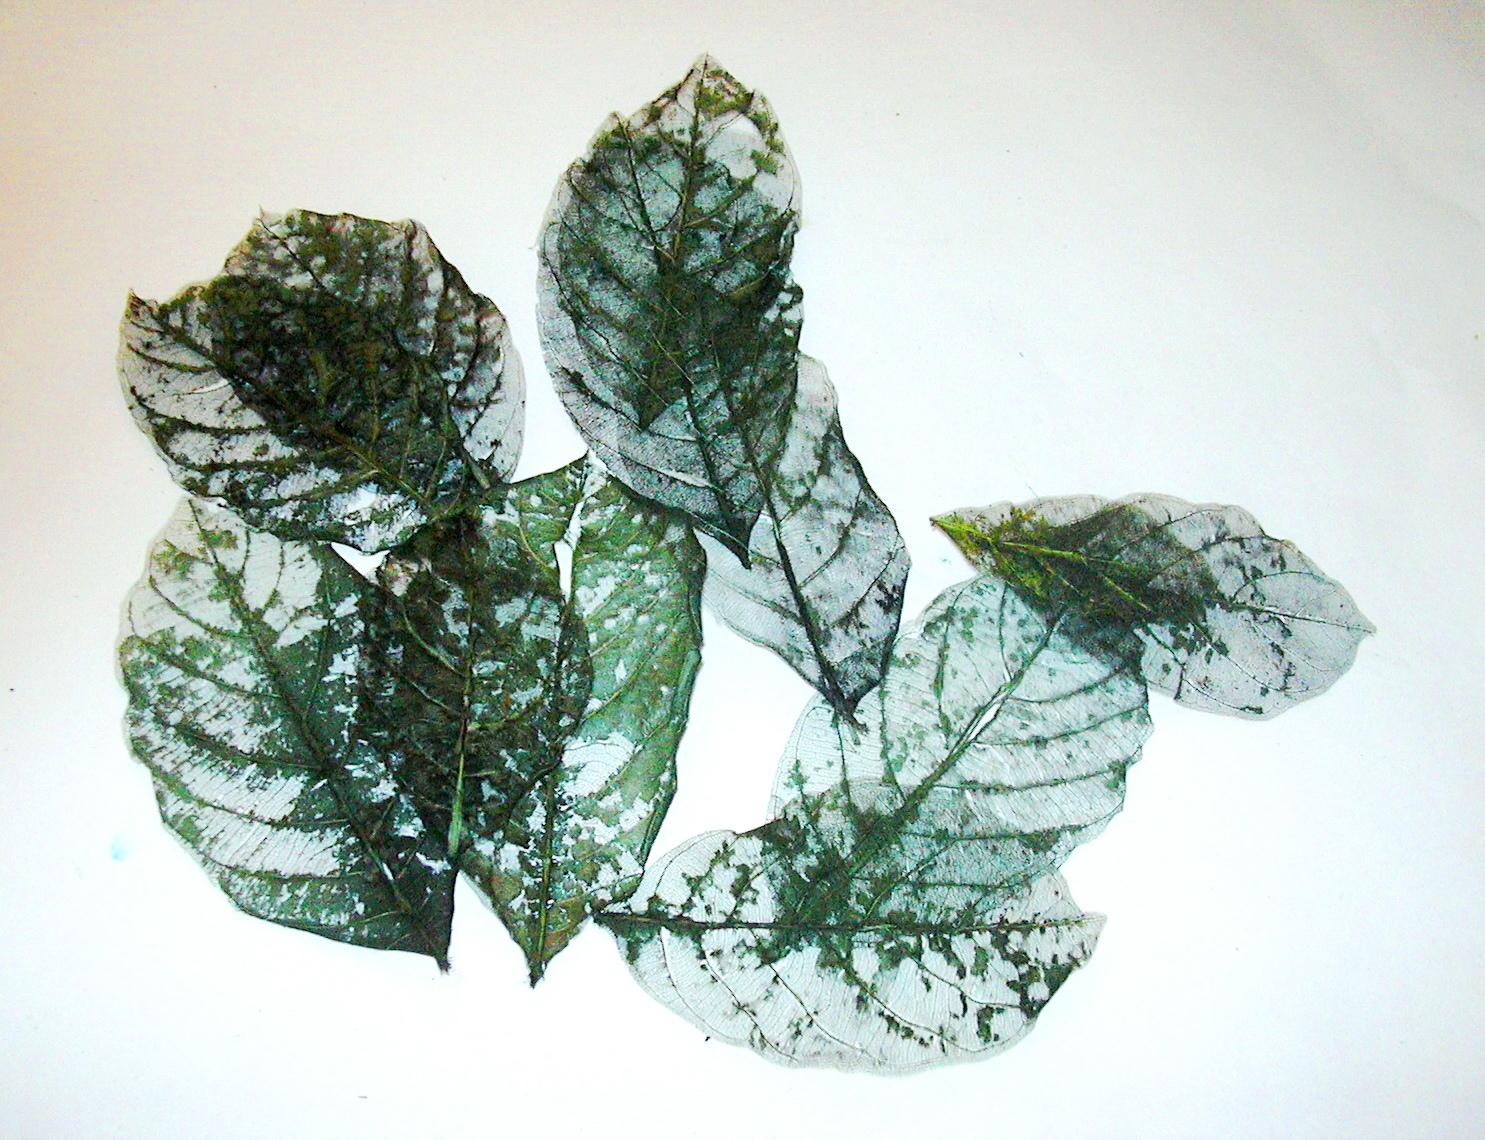 Akhirnya saya mendapat banyak lembaran rangka   tulang daun nangka. Untuk  kali ini saya warnai dengan pewarna wantex hijau lumut  758e357da8